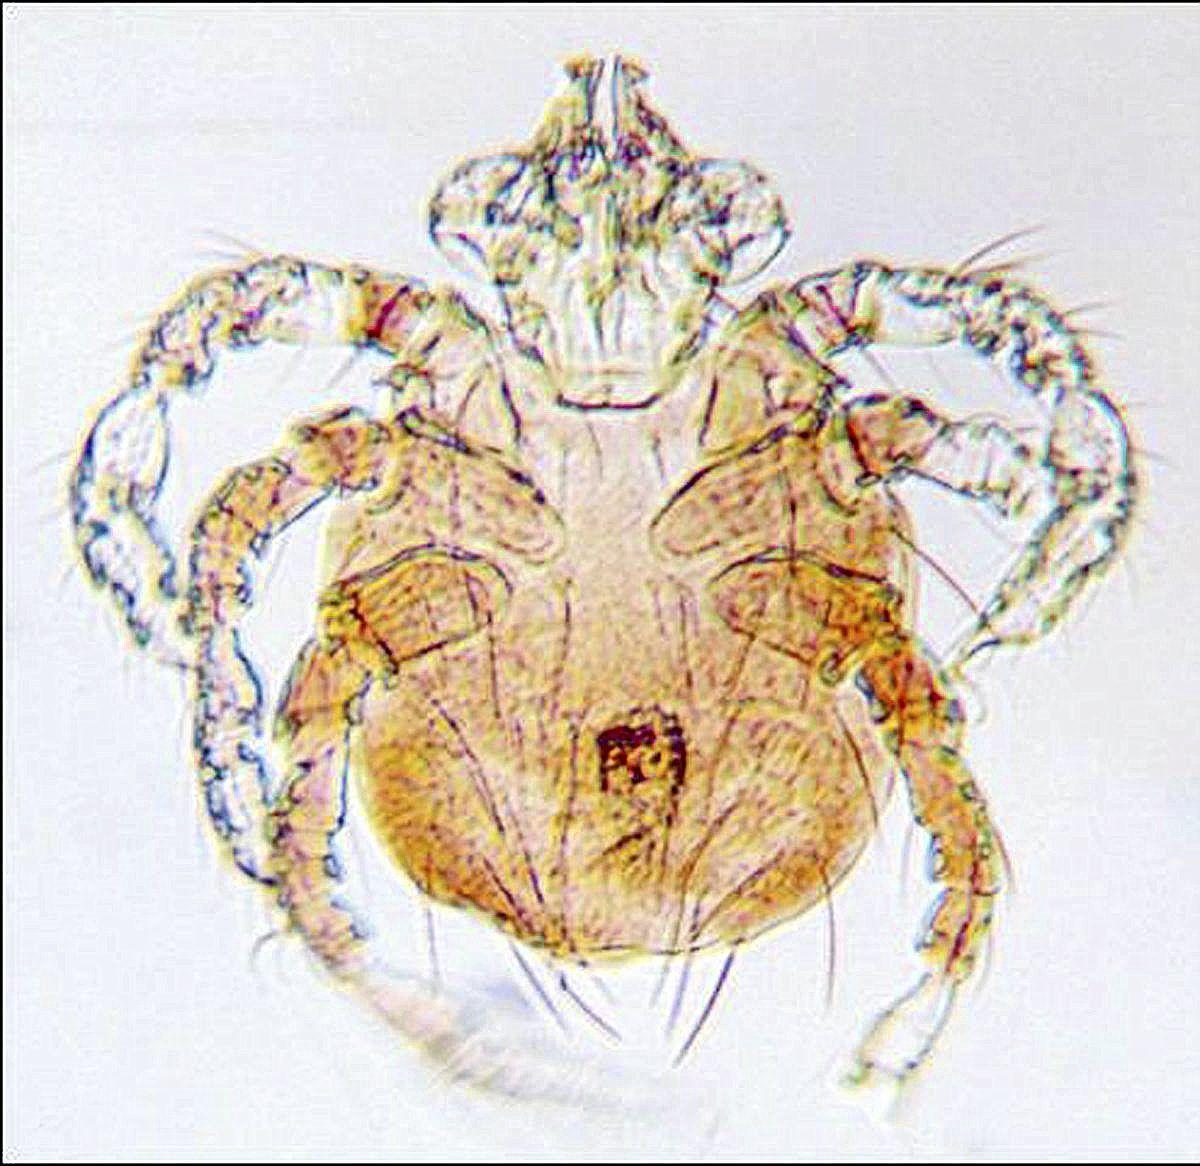 Spider mites bites